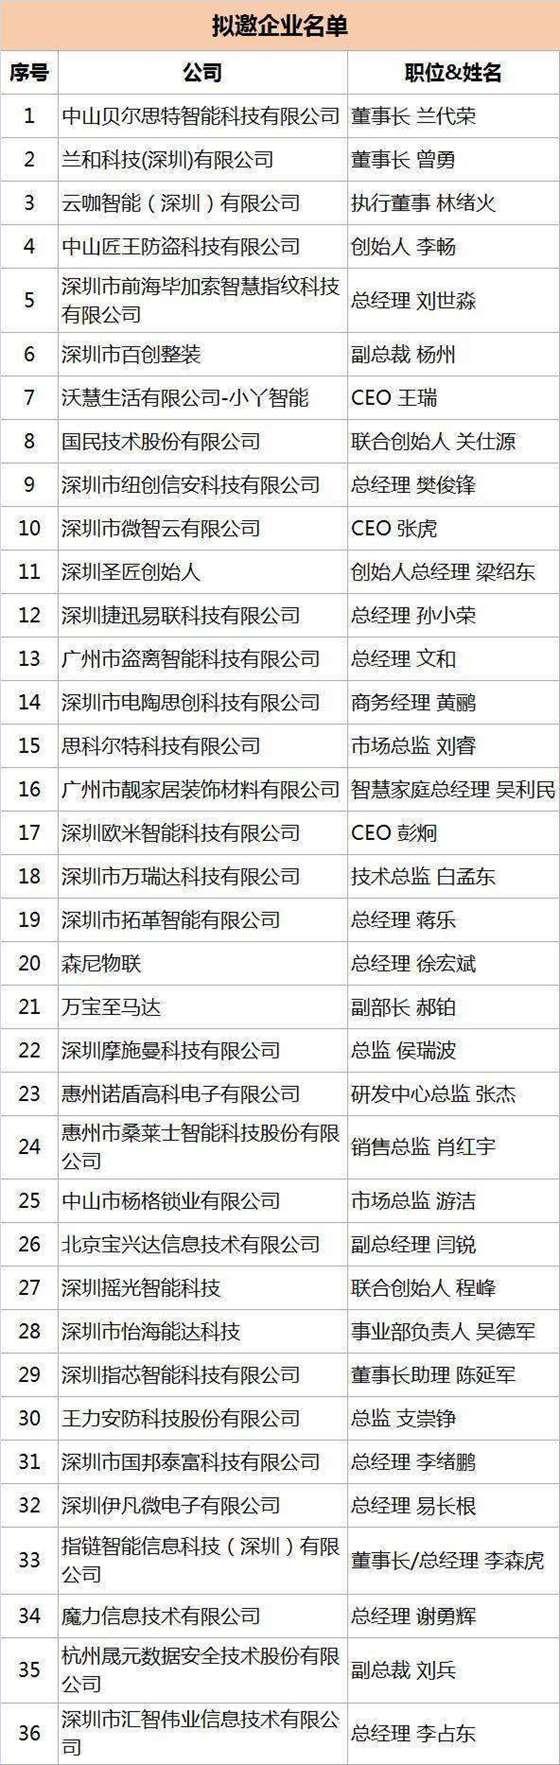 拟邀企业名单.png